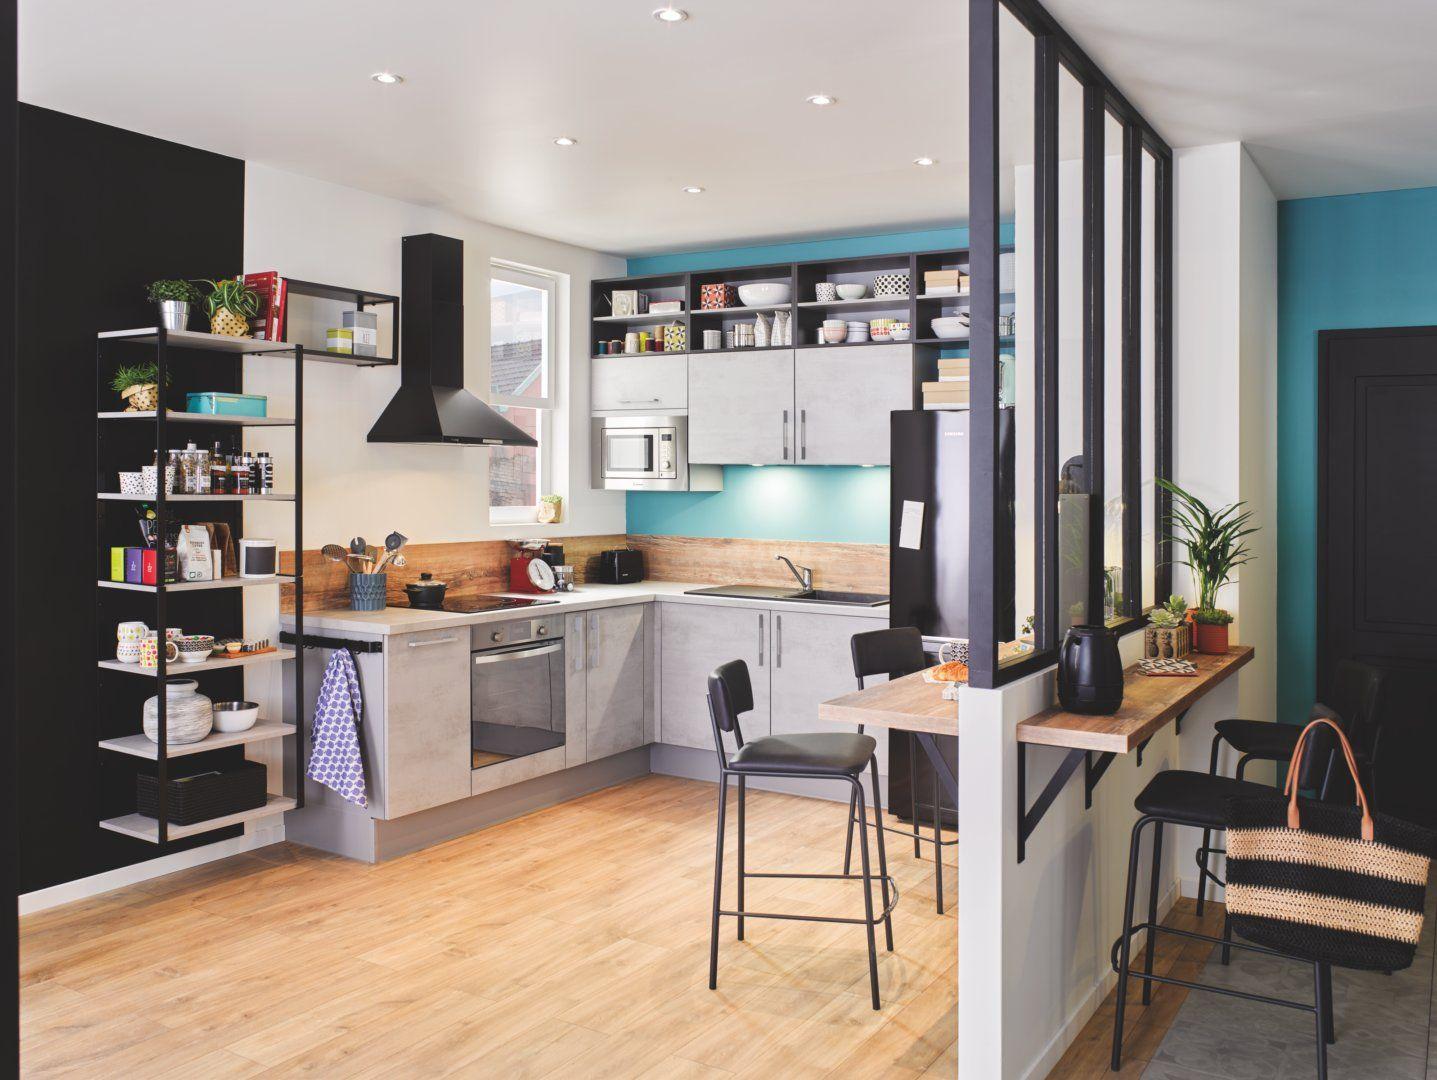 Cuisine VEGA+ Béton Clair - Placées au-dessus des meubles hauts